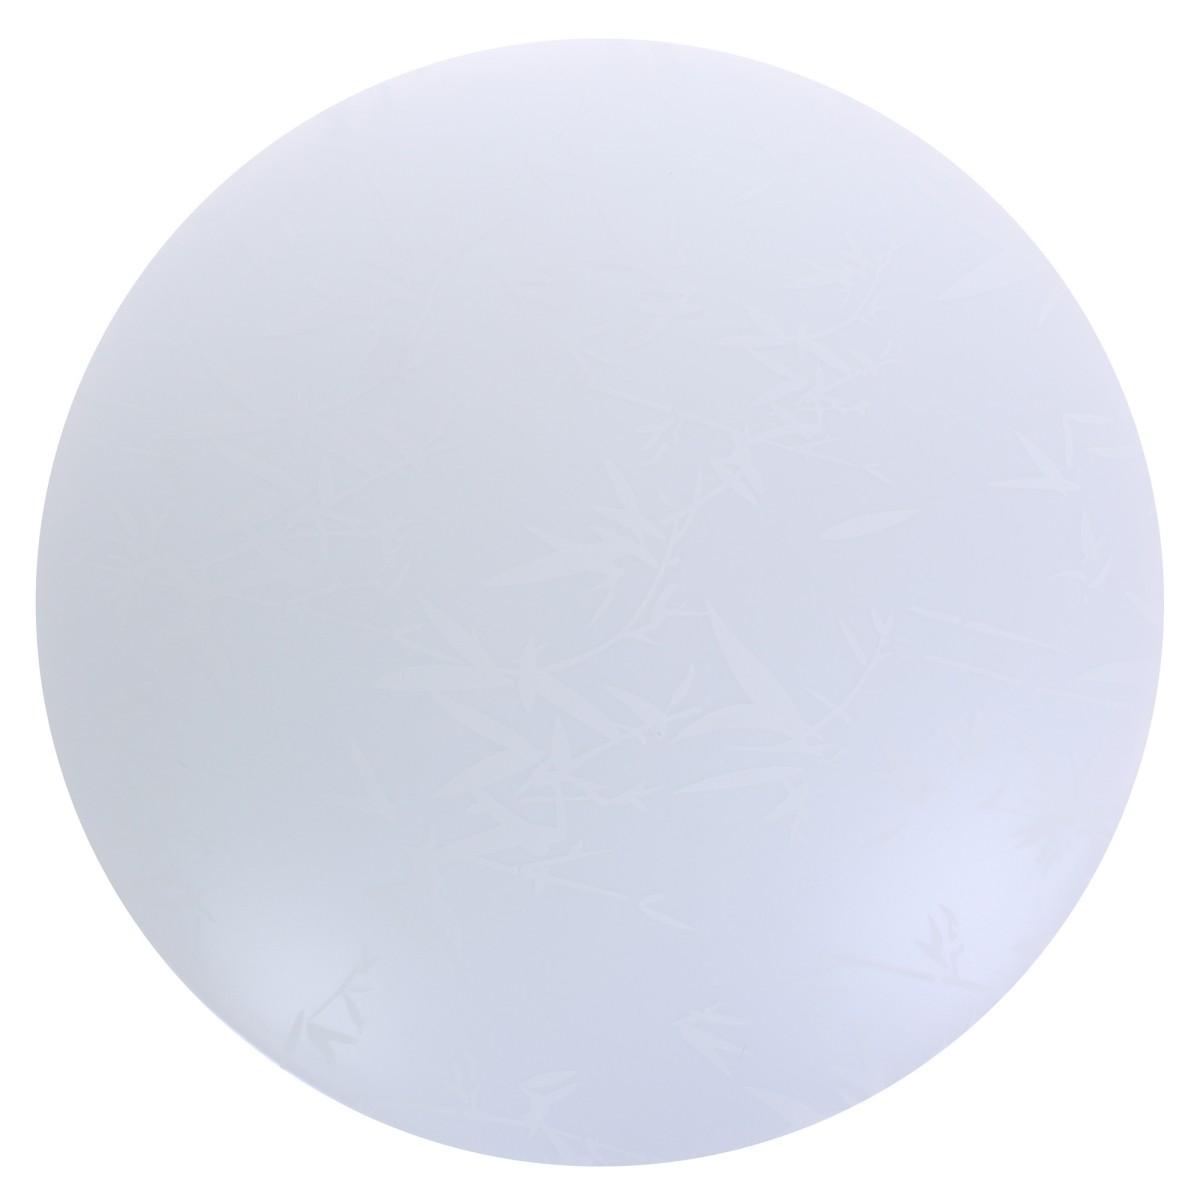 Настенно-потолочный светильник светодиодный Jungle C07LLS 18 Вт 1170 Лм свет нейтральный